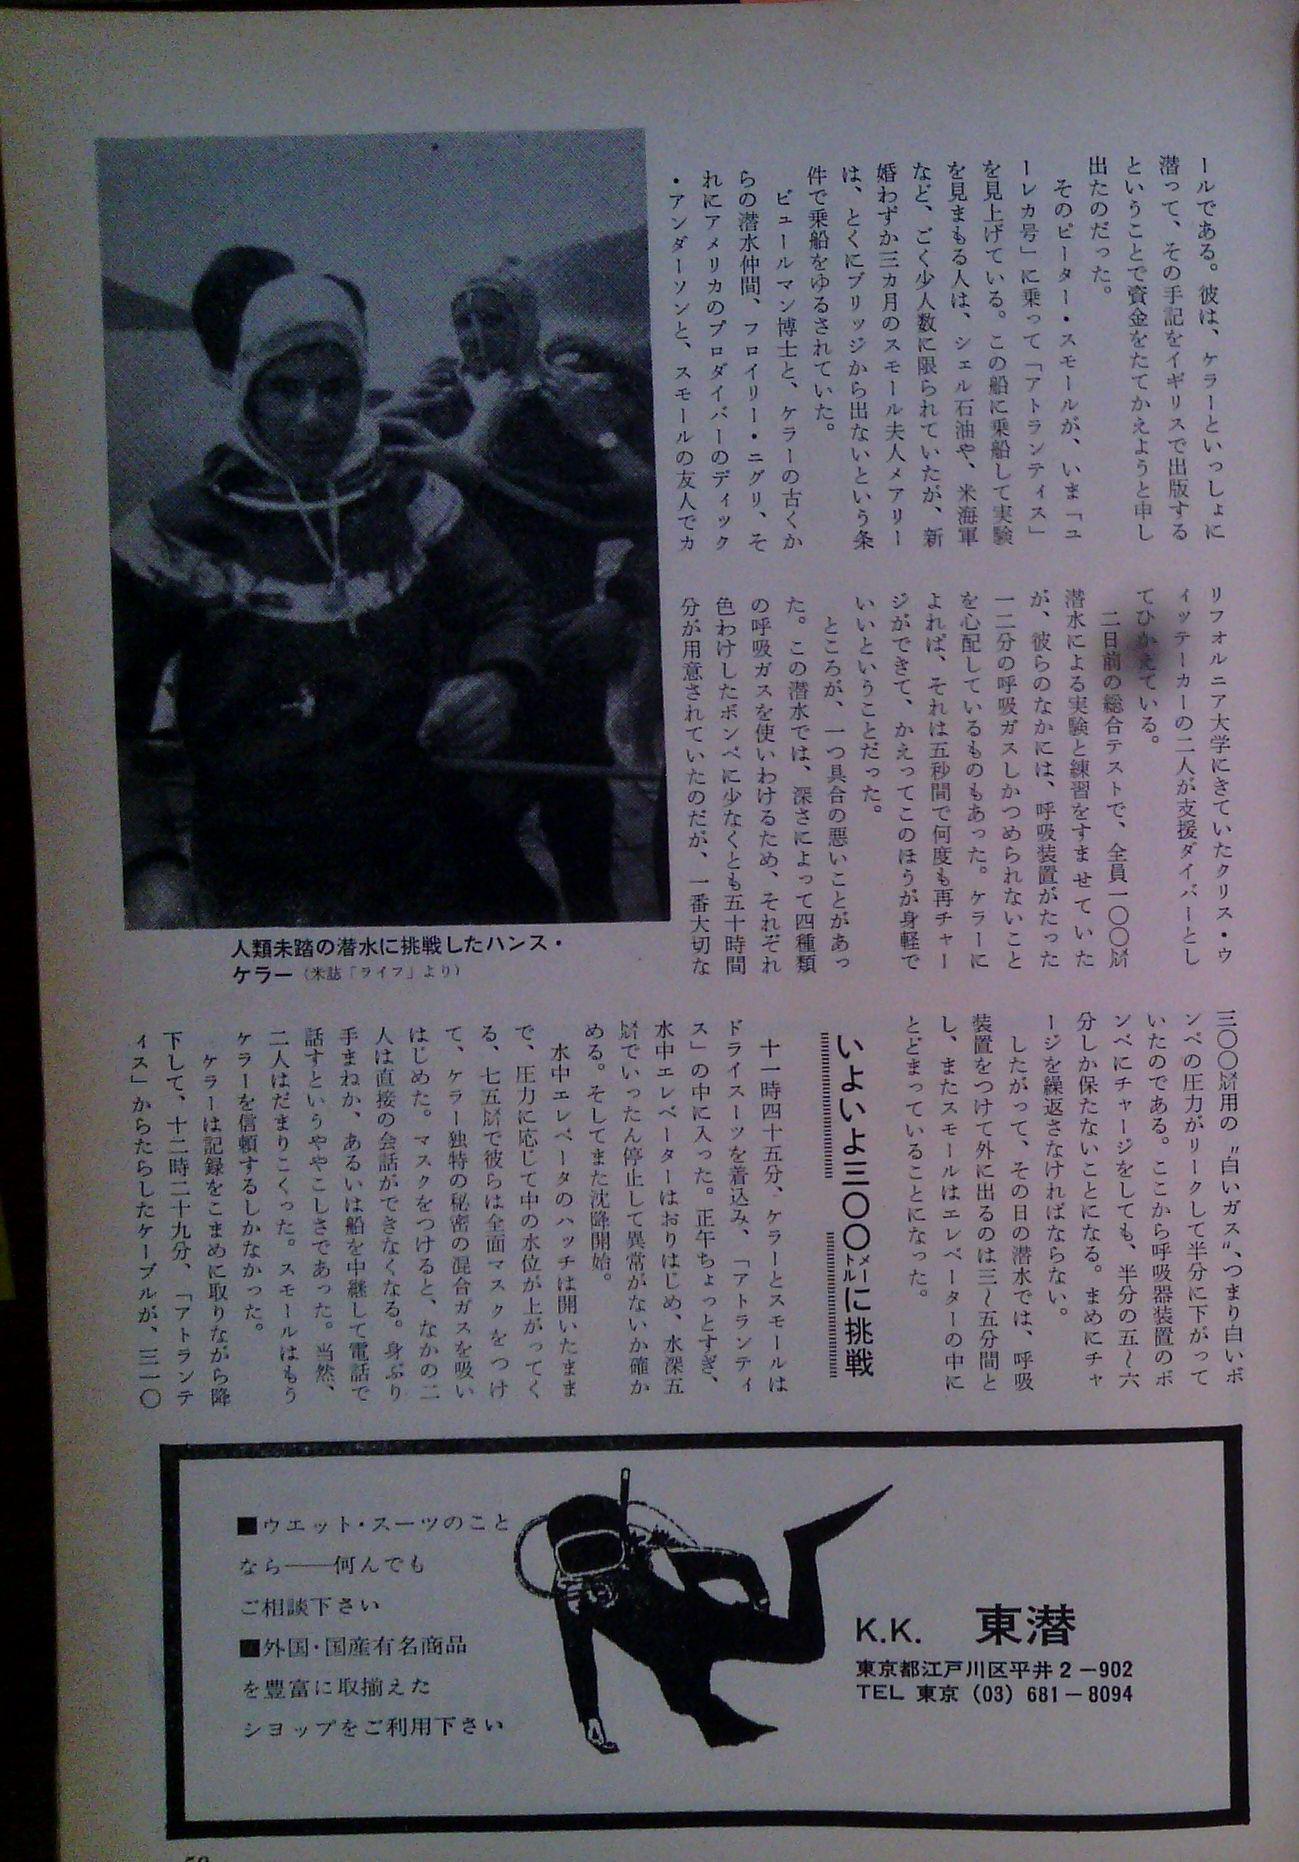 0329  ダイビングの歴史61 海の世界1973-1_b0075059_15080202.jpg